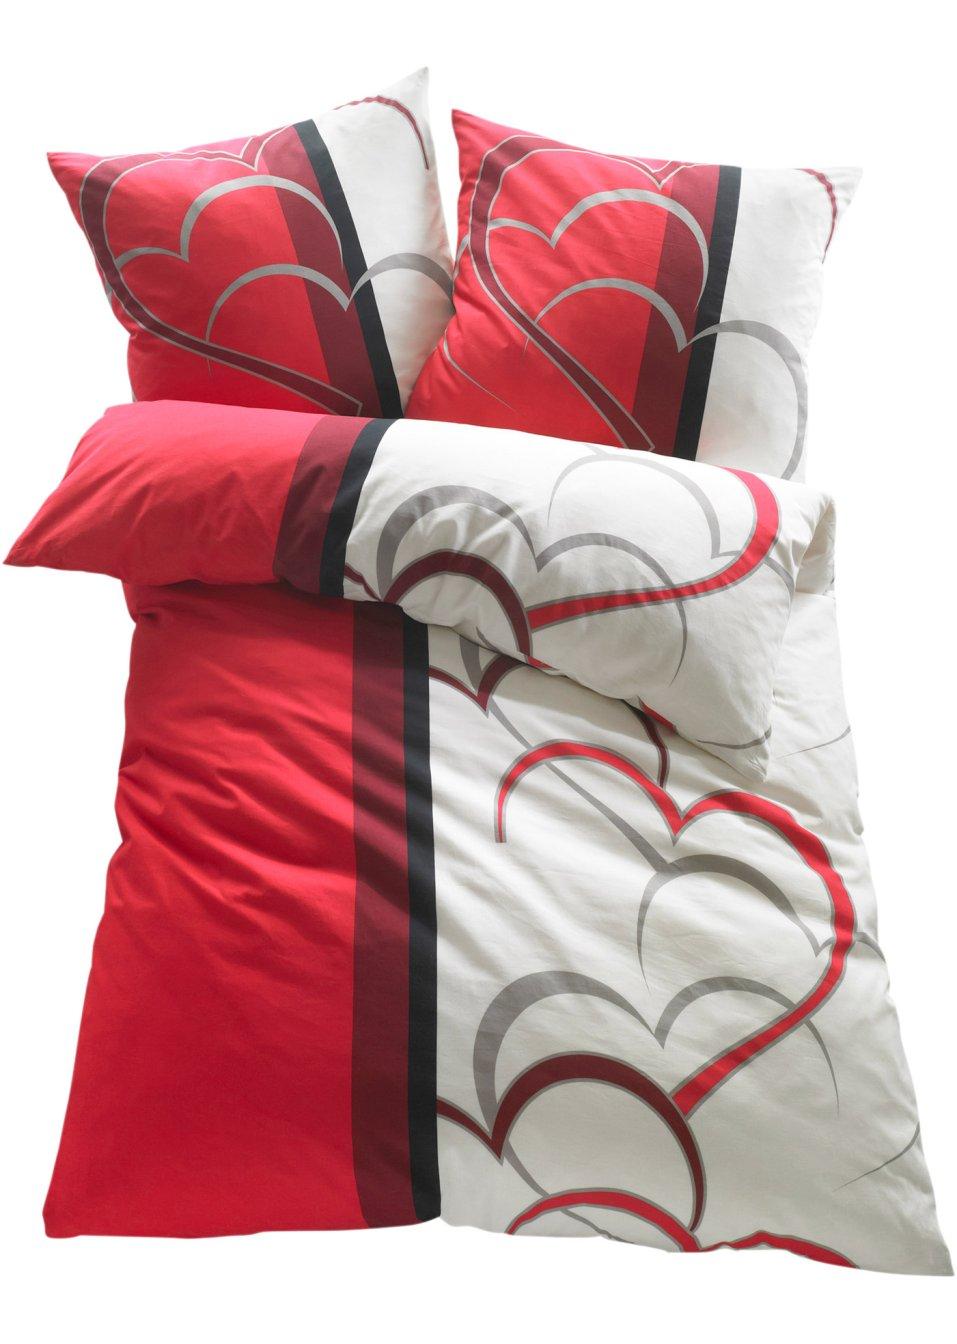 Fröhliche Bettwäsche Amelie Mit Herzmotiv Für Ein Romantisches